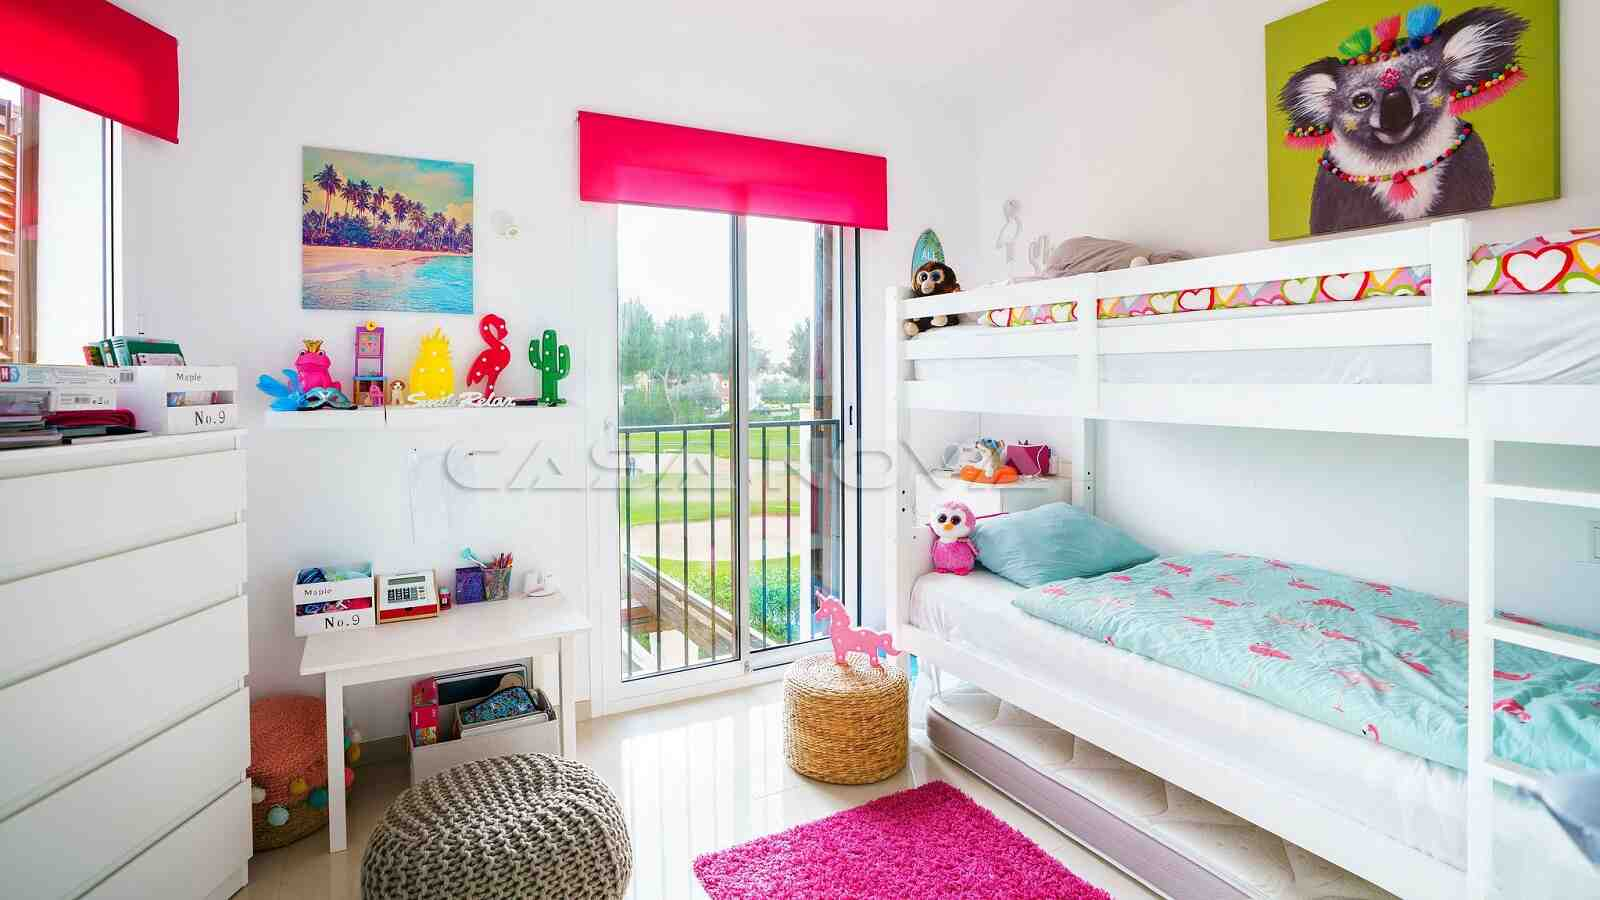 Ref. 2303031 - Schickes Kinderzimmer mit schönem Blick